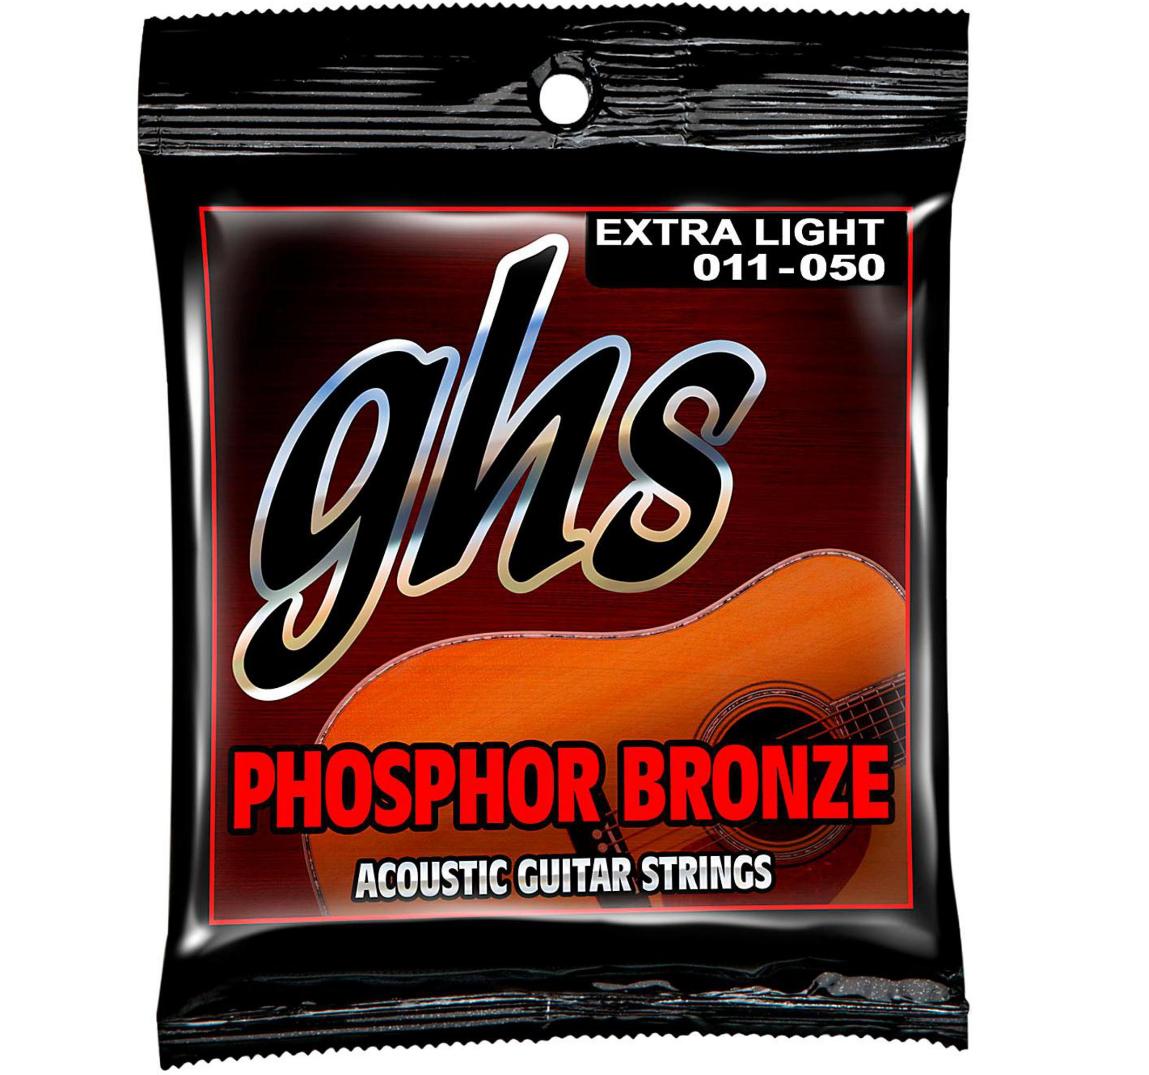 GHS ACOUSTIC STRING SET PHOSPHOR BRONZE